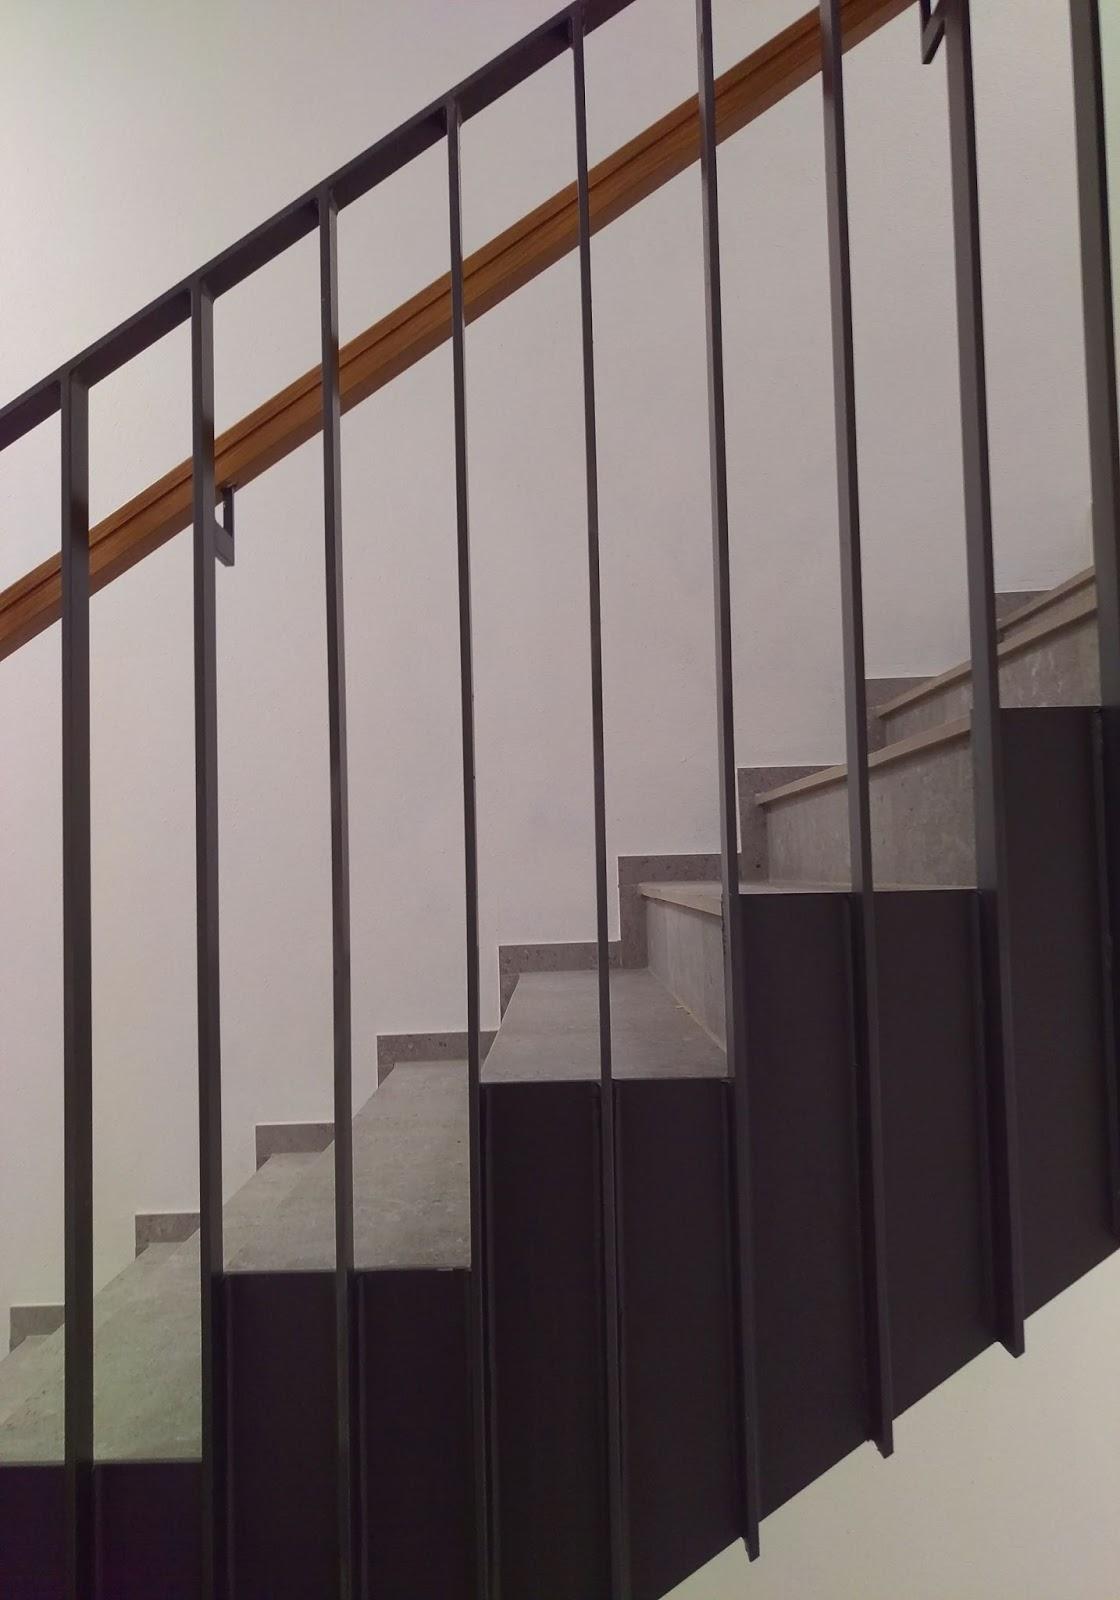 gel nder stahlblech flachstahl fr bel metallbau. Black Bedroom Furniture Sets. Home Design Ideas